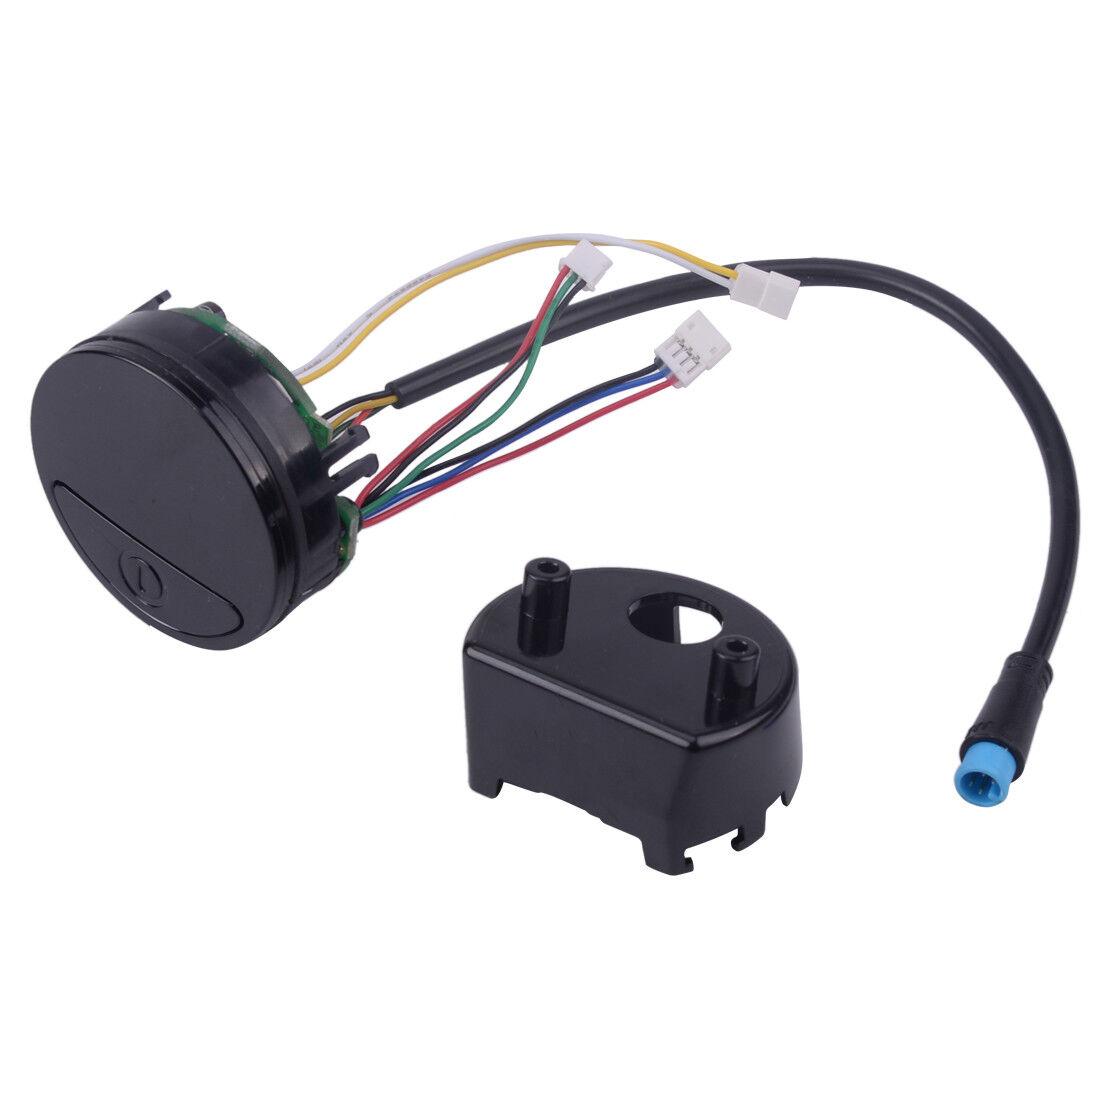 Circuit Tablero DashTablero Assembly sustituto para  ninebot segway es2 Elektro Scooter  Todos los productos obtienen hasta un 34% de descuento.